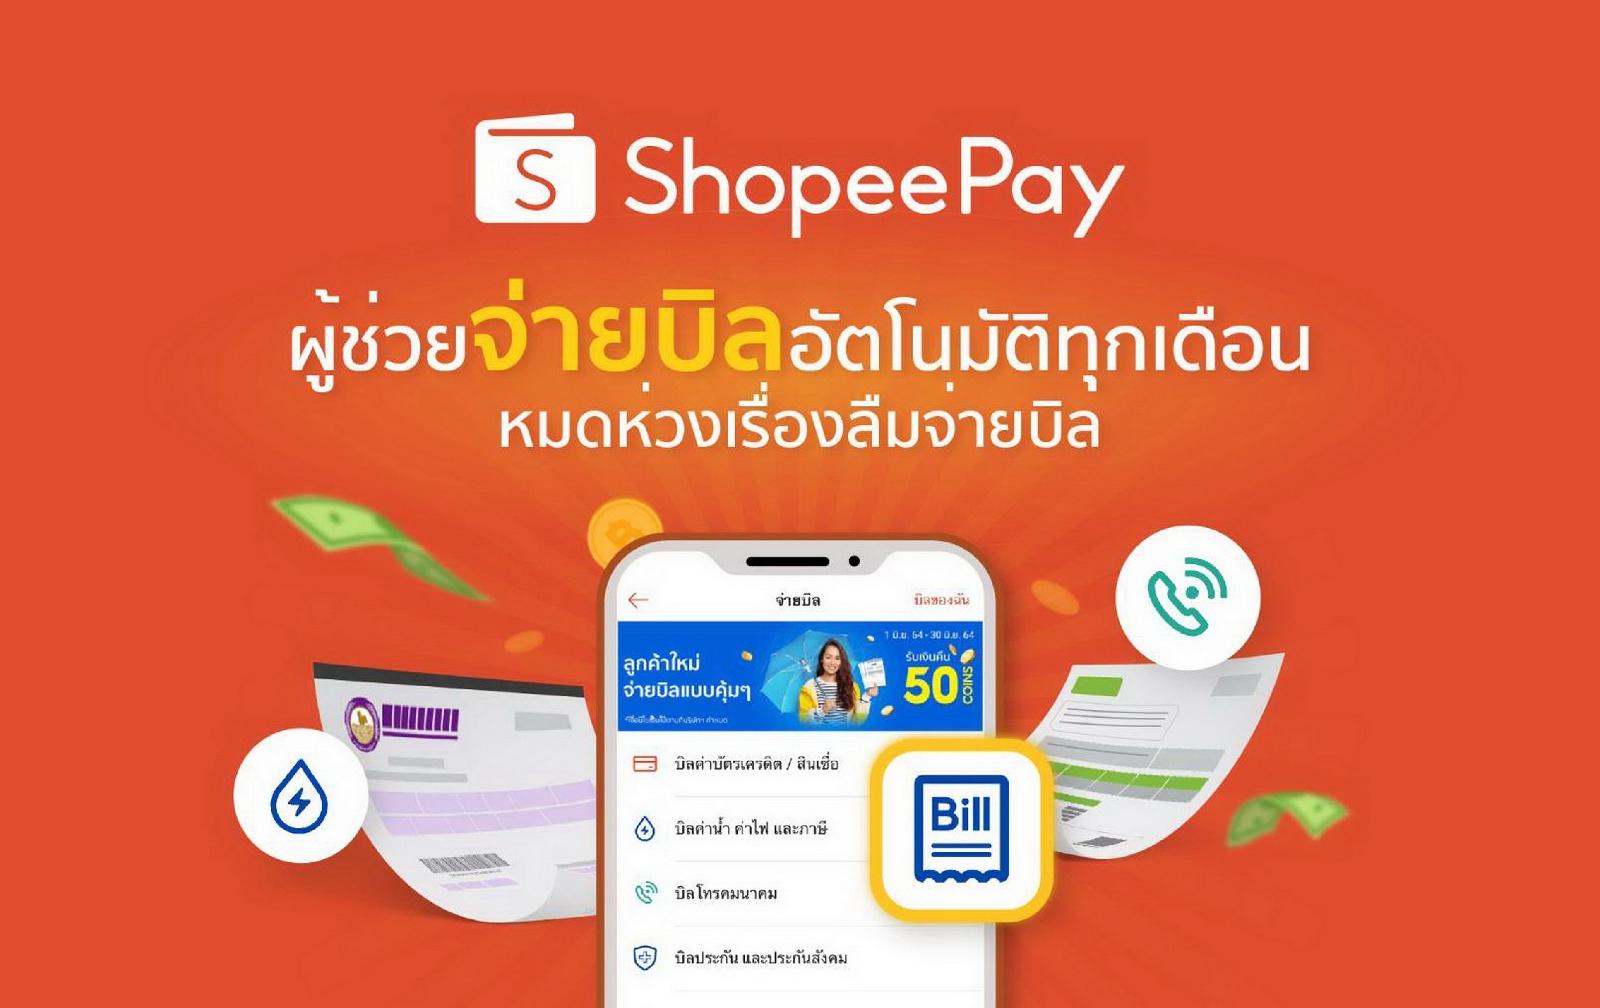 ShopeePay แนะนำฟีเจอร์สุดเจ๋ง ผู้ช่วยจ่ายบิลอัตโนมัติทุกเดือน  ยกระดับชีวิตง่ายขึ้น หมดกังวลเรื่องลืมจ่ายบิล